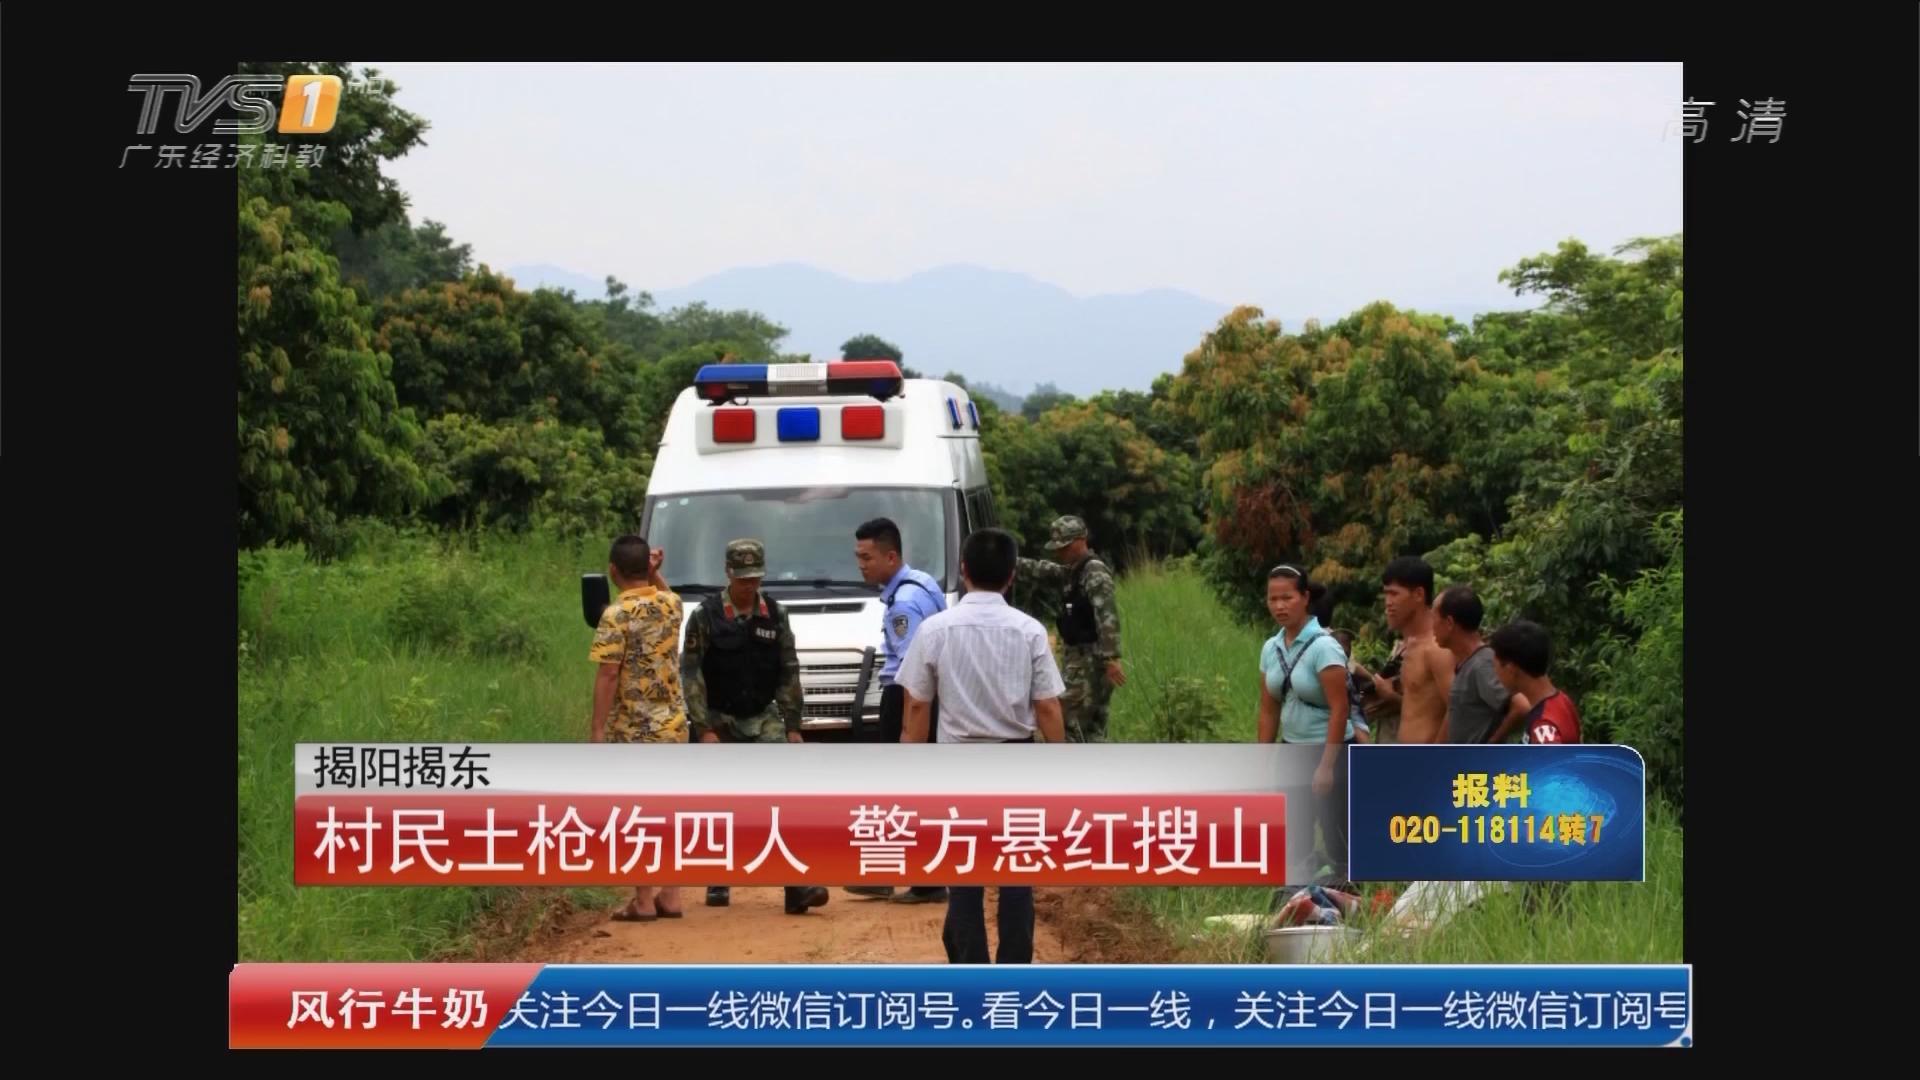 揭阳揭东:村民土枪伤四人 警方悬红搜山